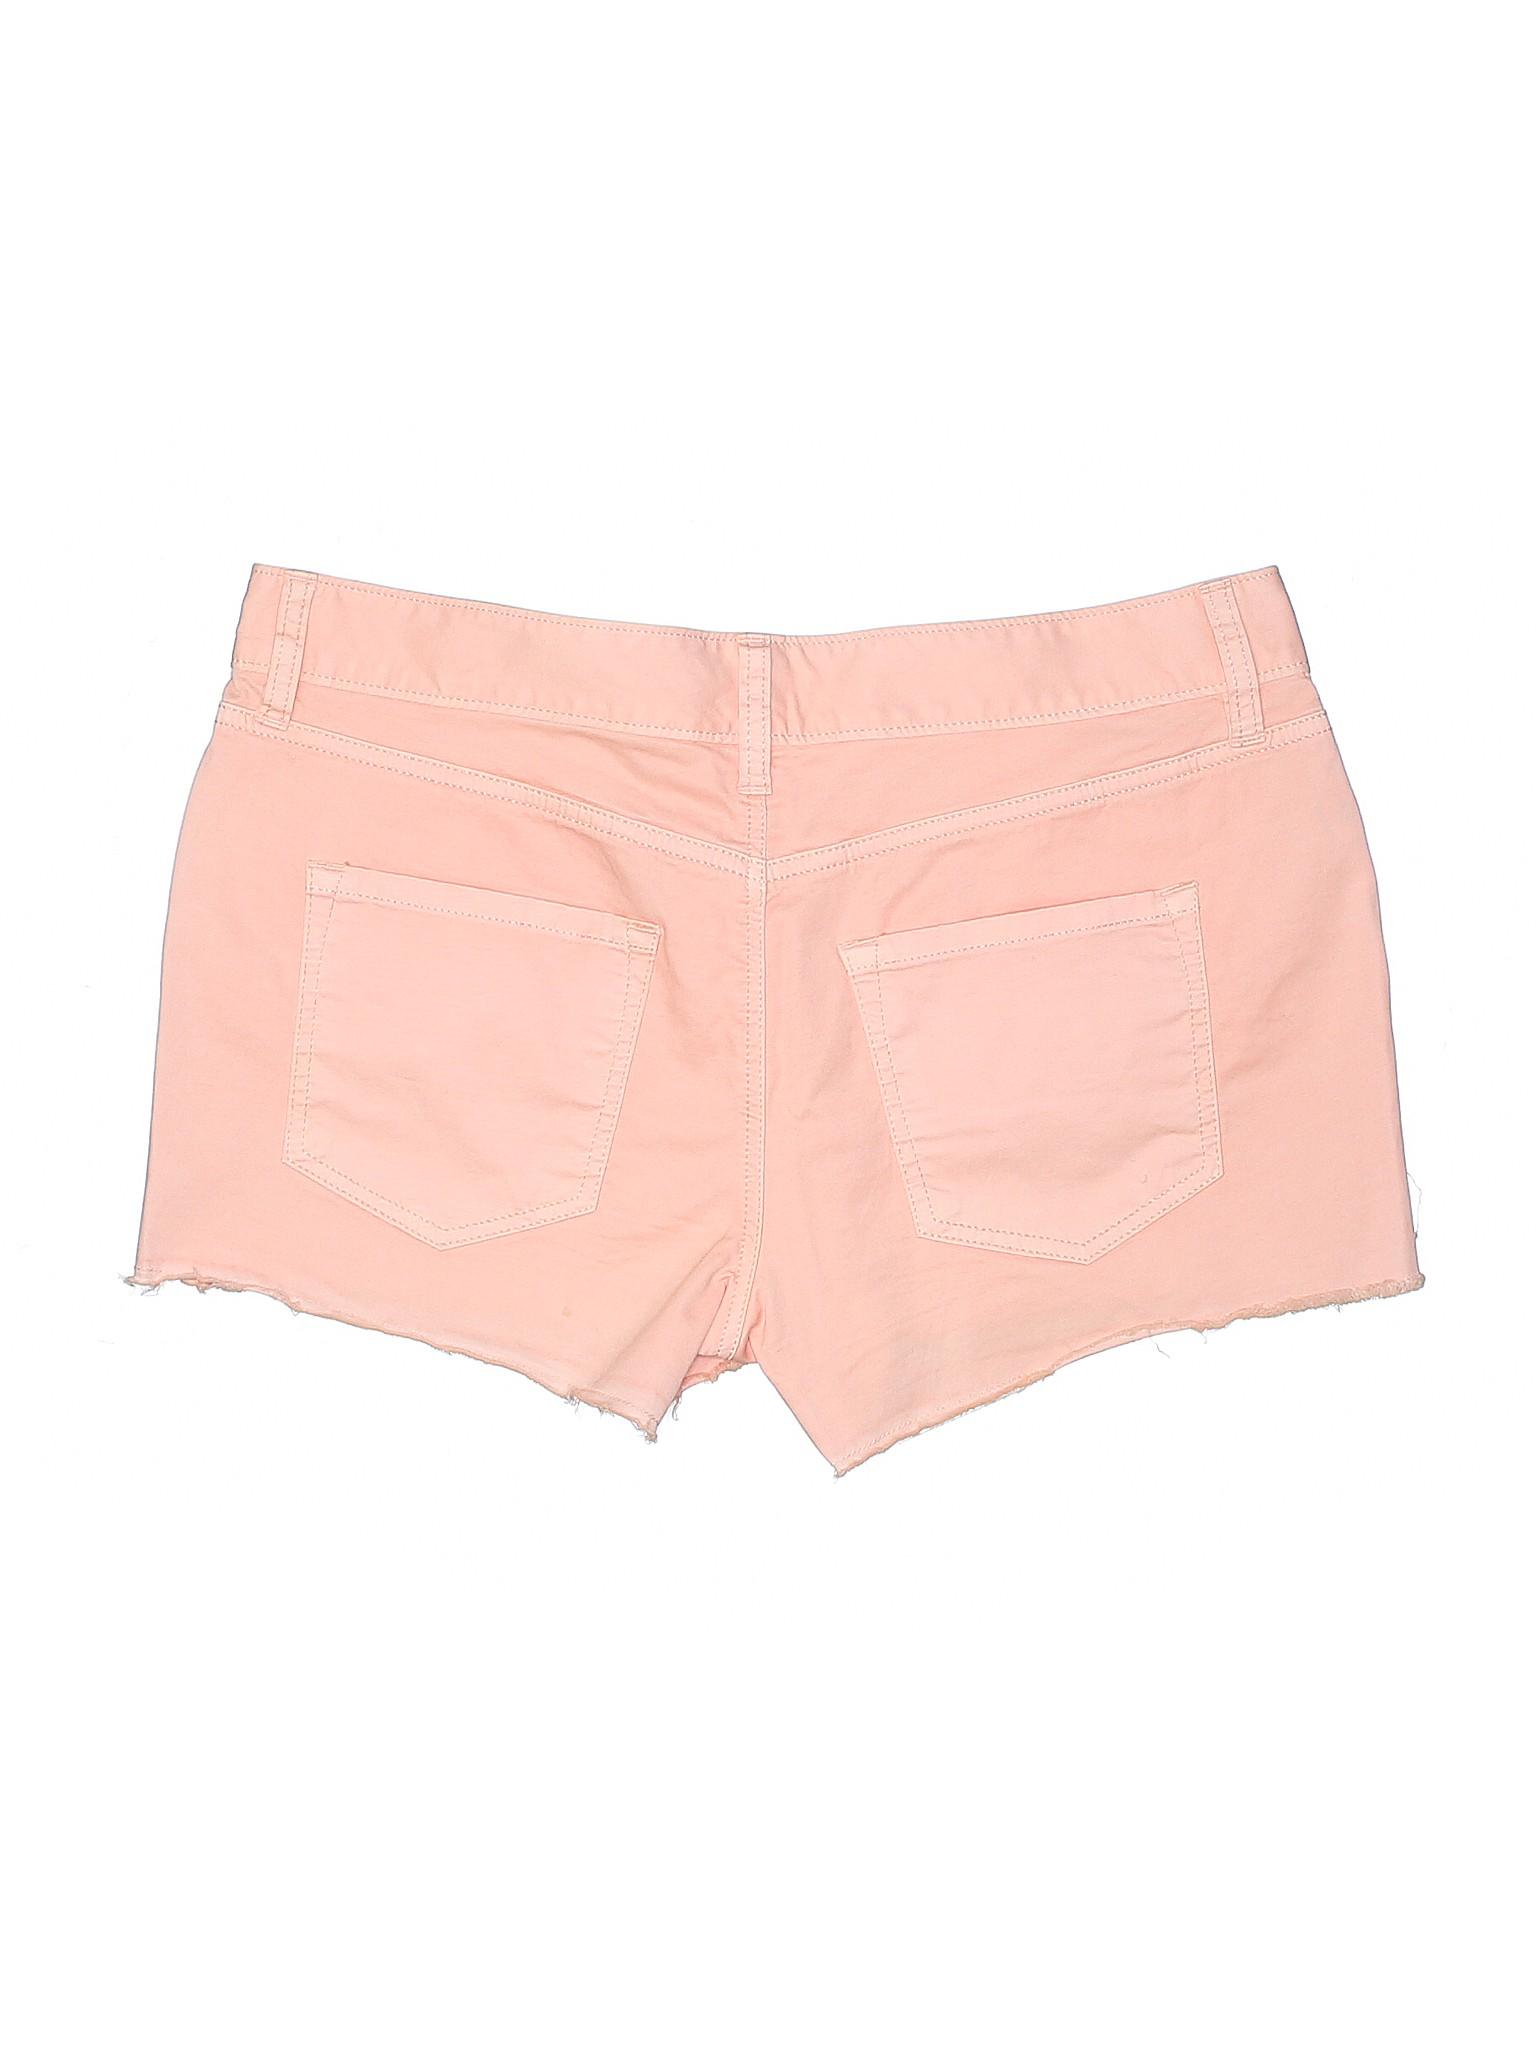 Shorts Ann LOFT LOFT Ann Shorts Boutique Taylor Boutique Taylor Evwqf